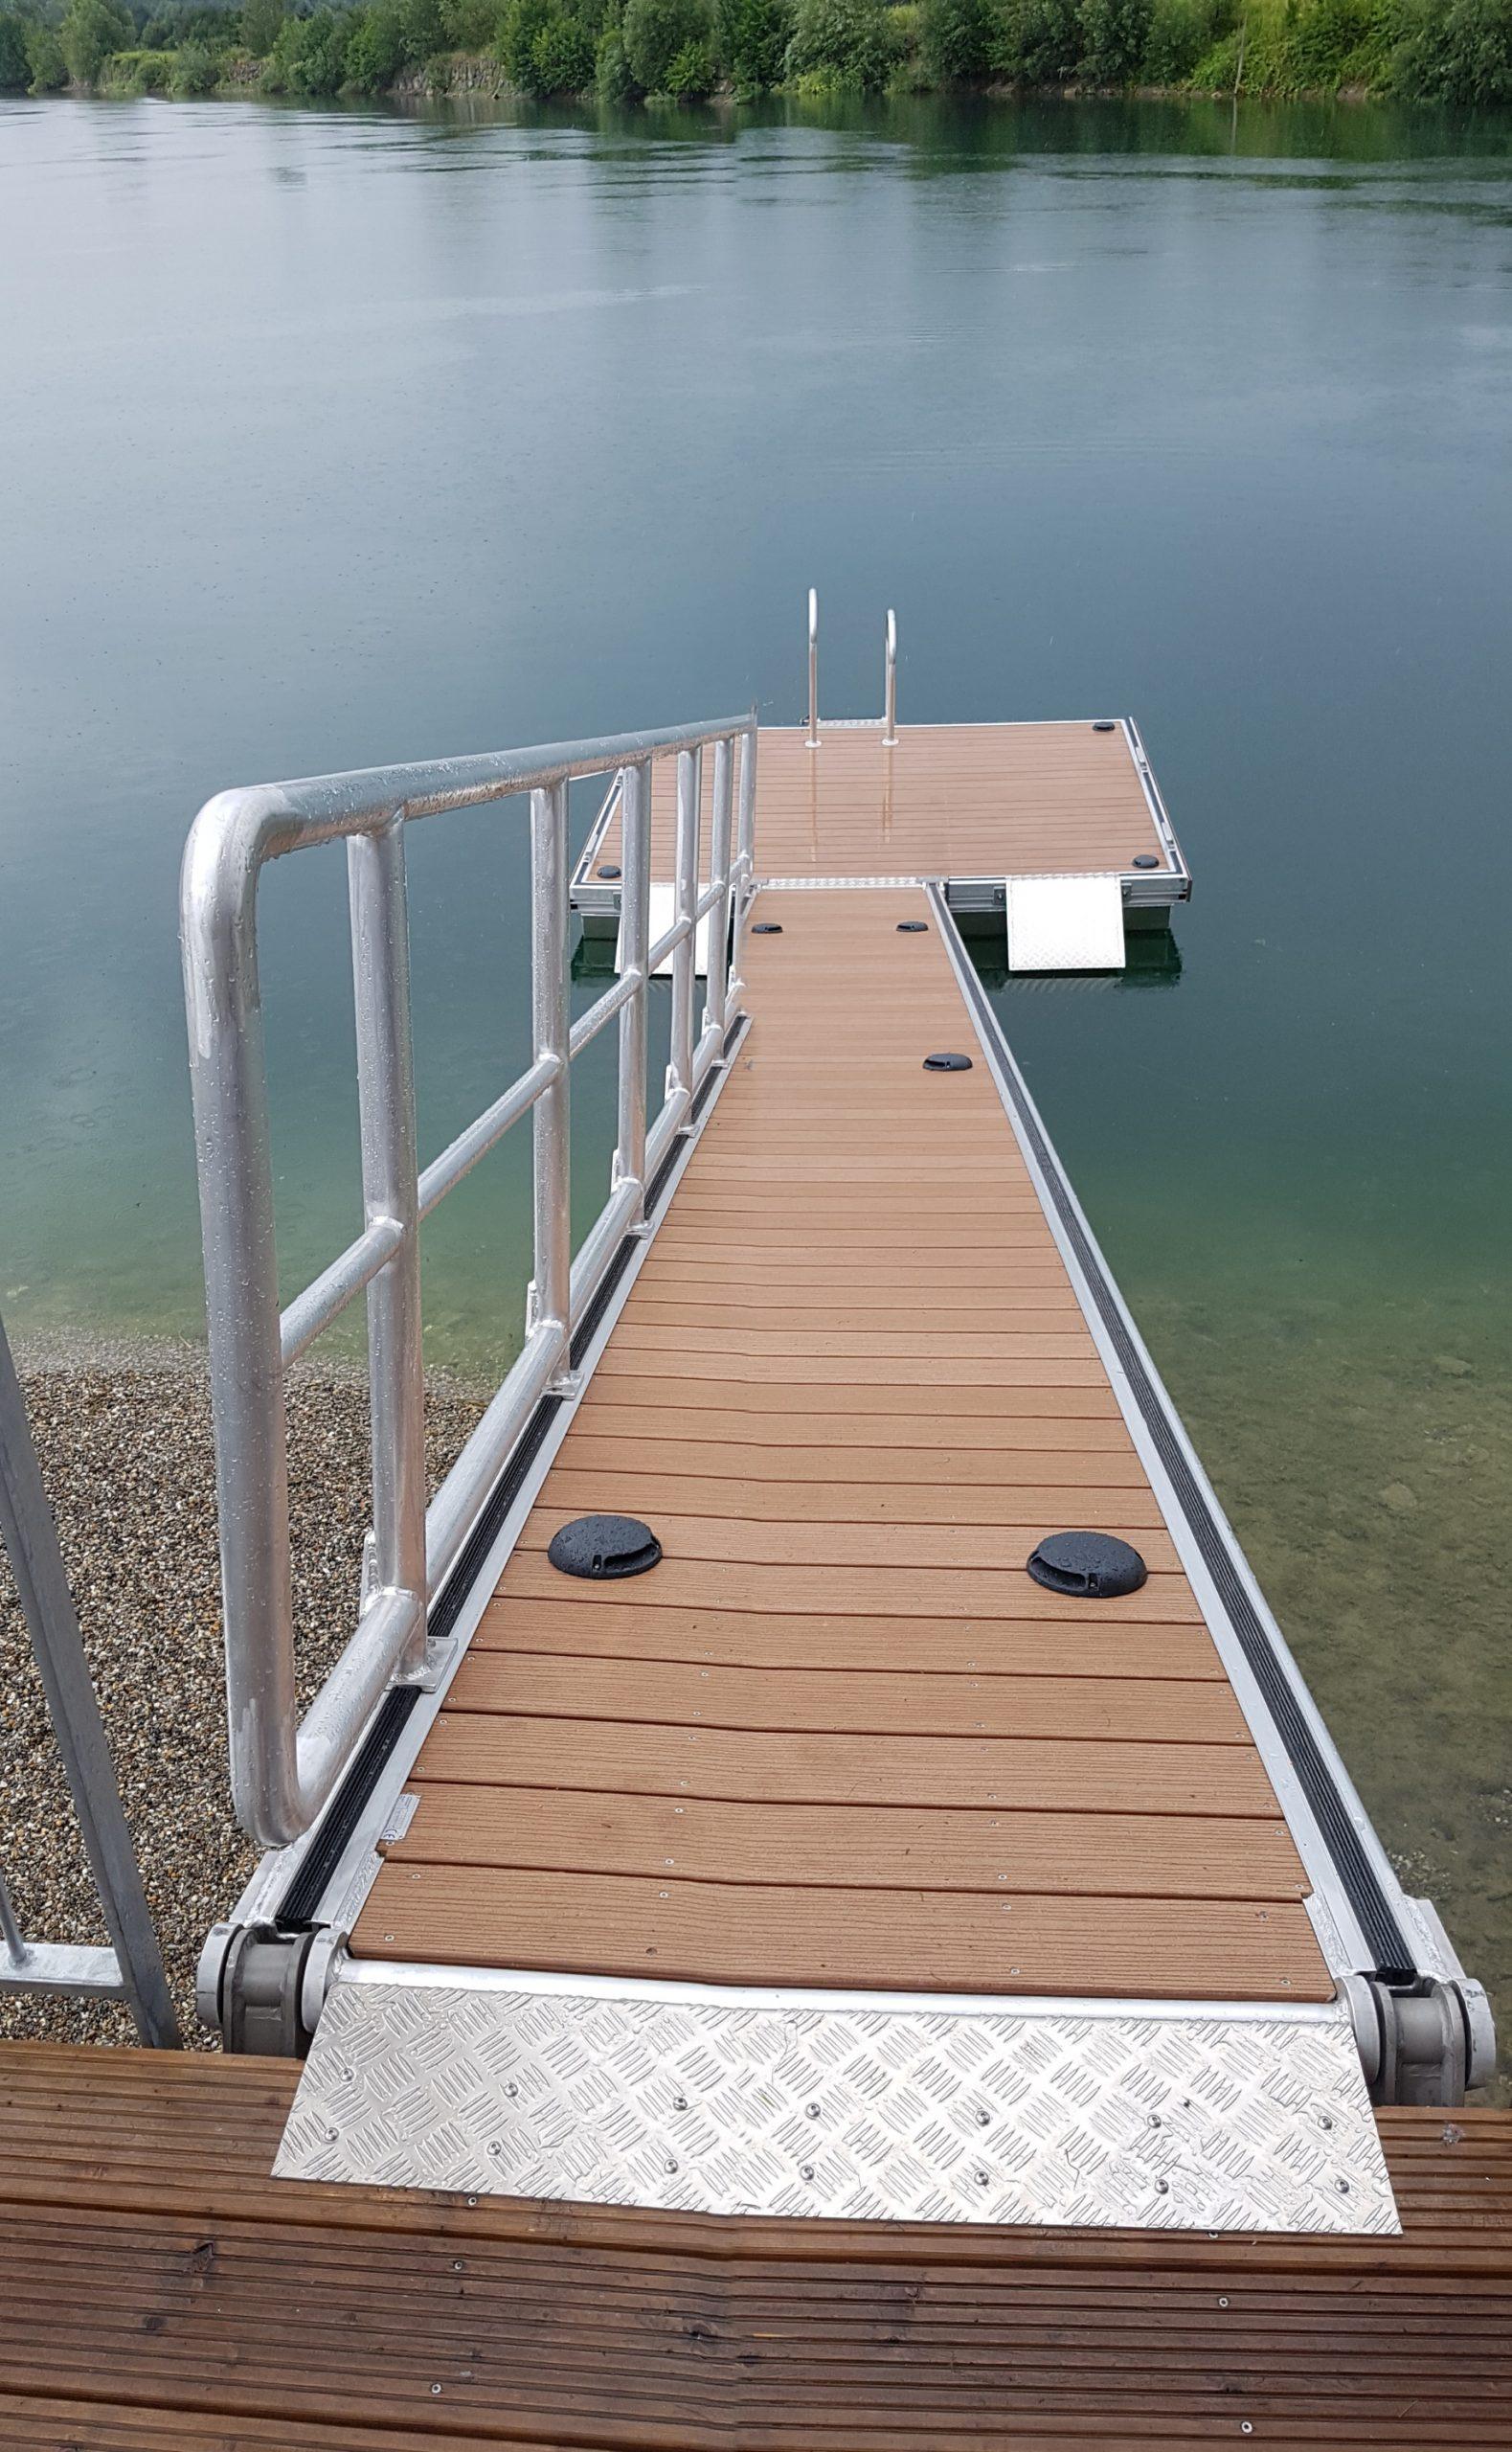 Schwimmplattform mit Landzugang/ Blick vom Landzugang Richtung der Plattform